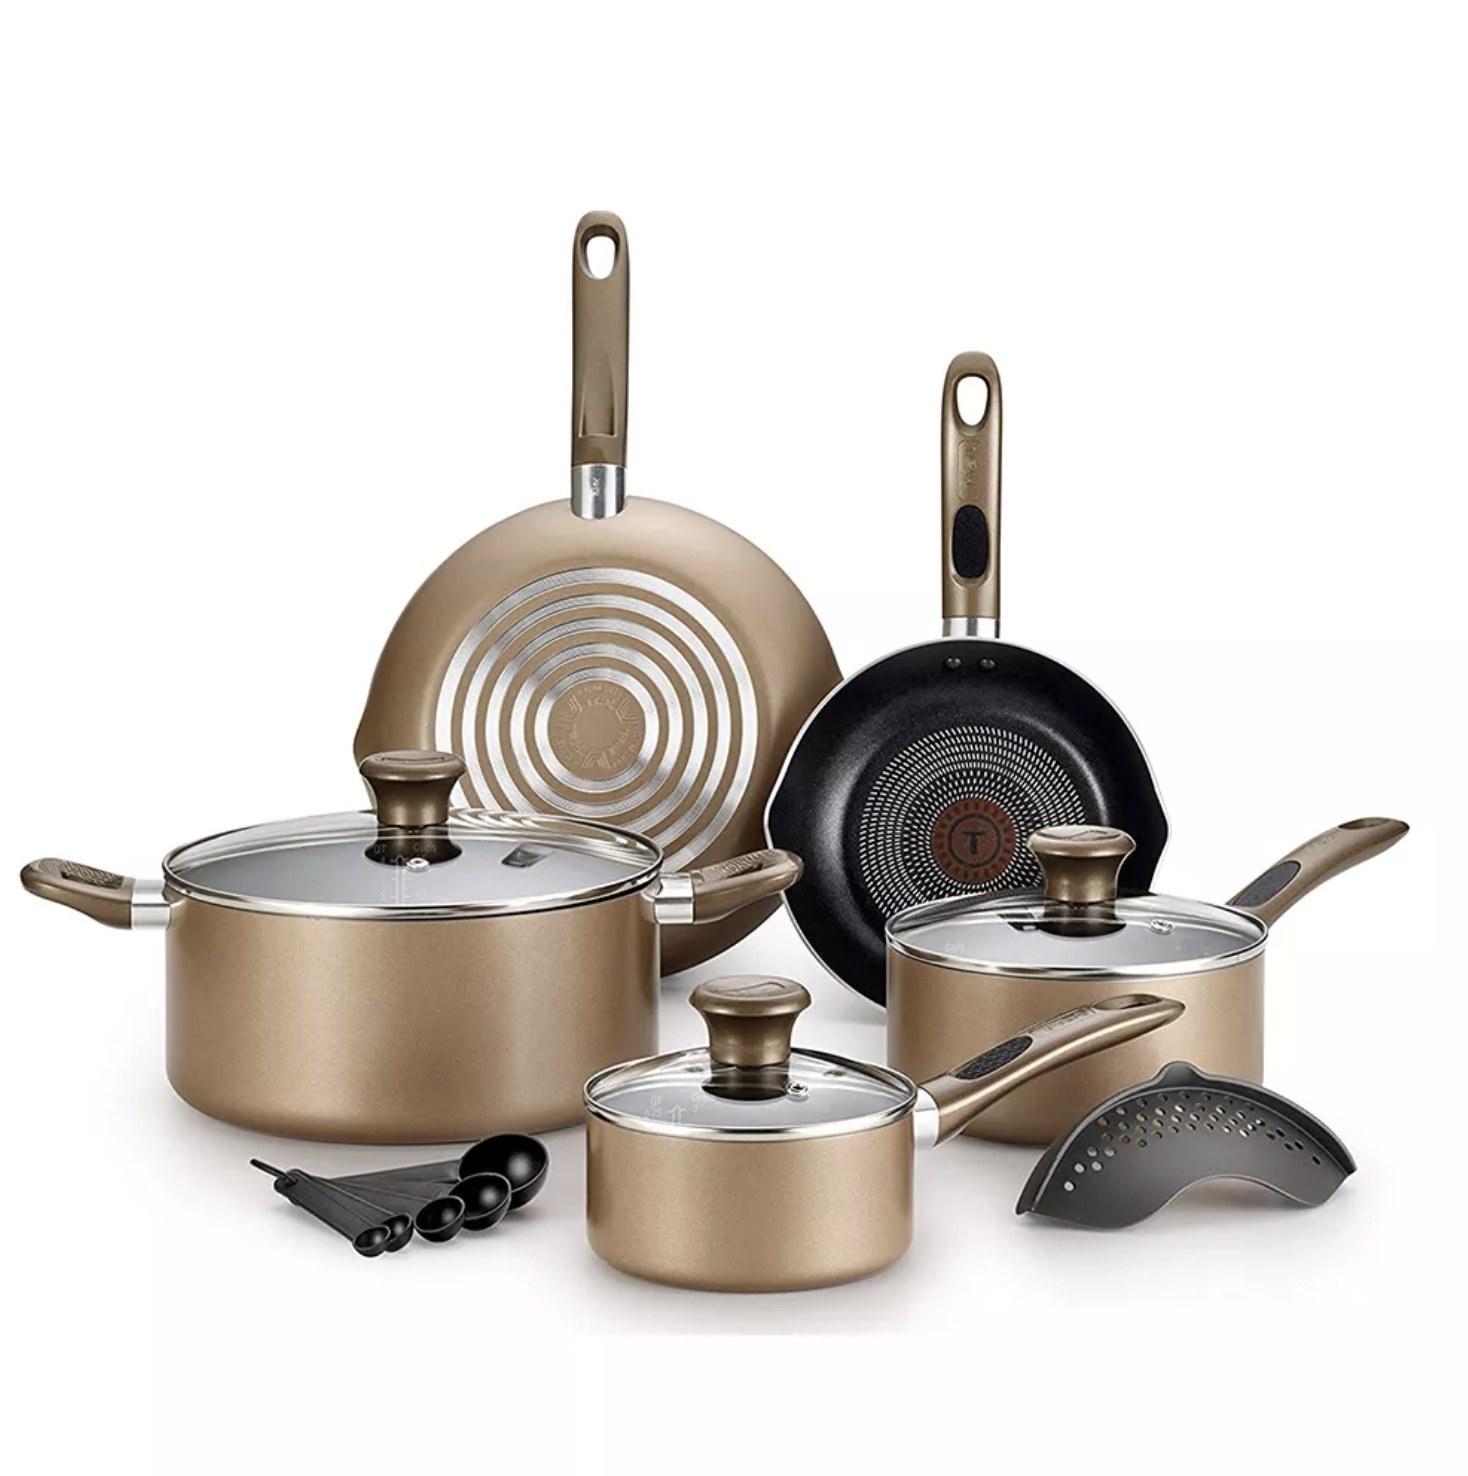 A 14-piece non-stick bronze cookware set